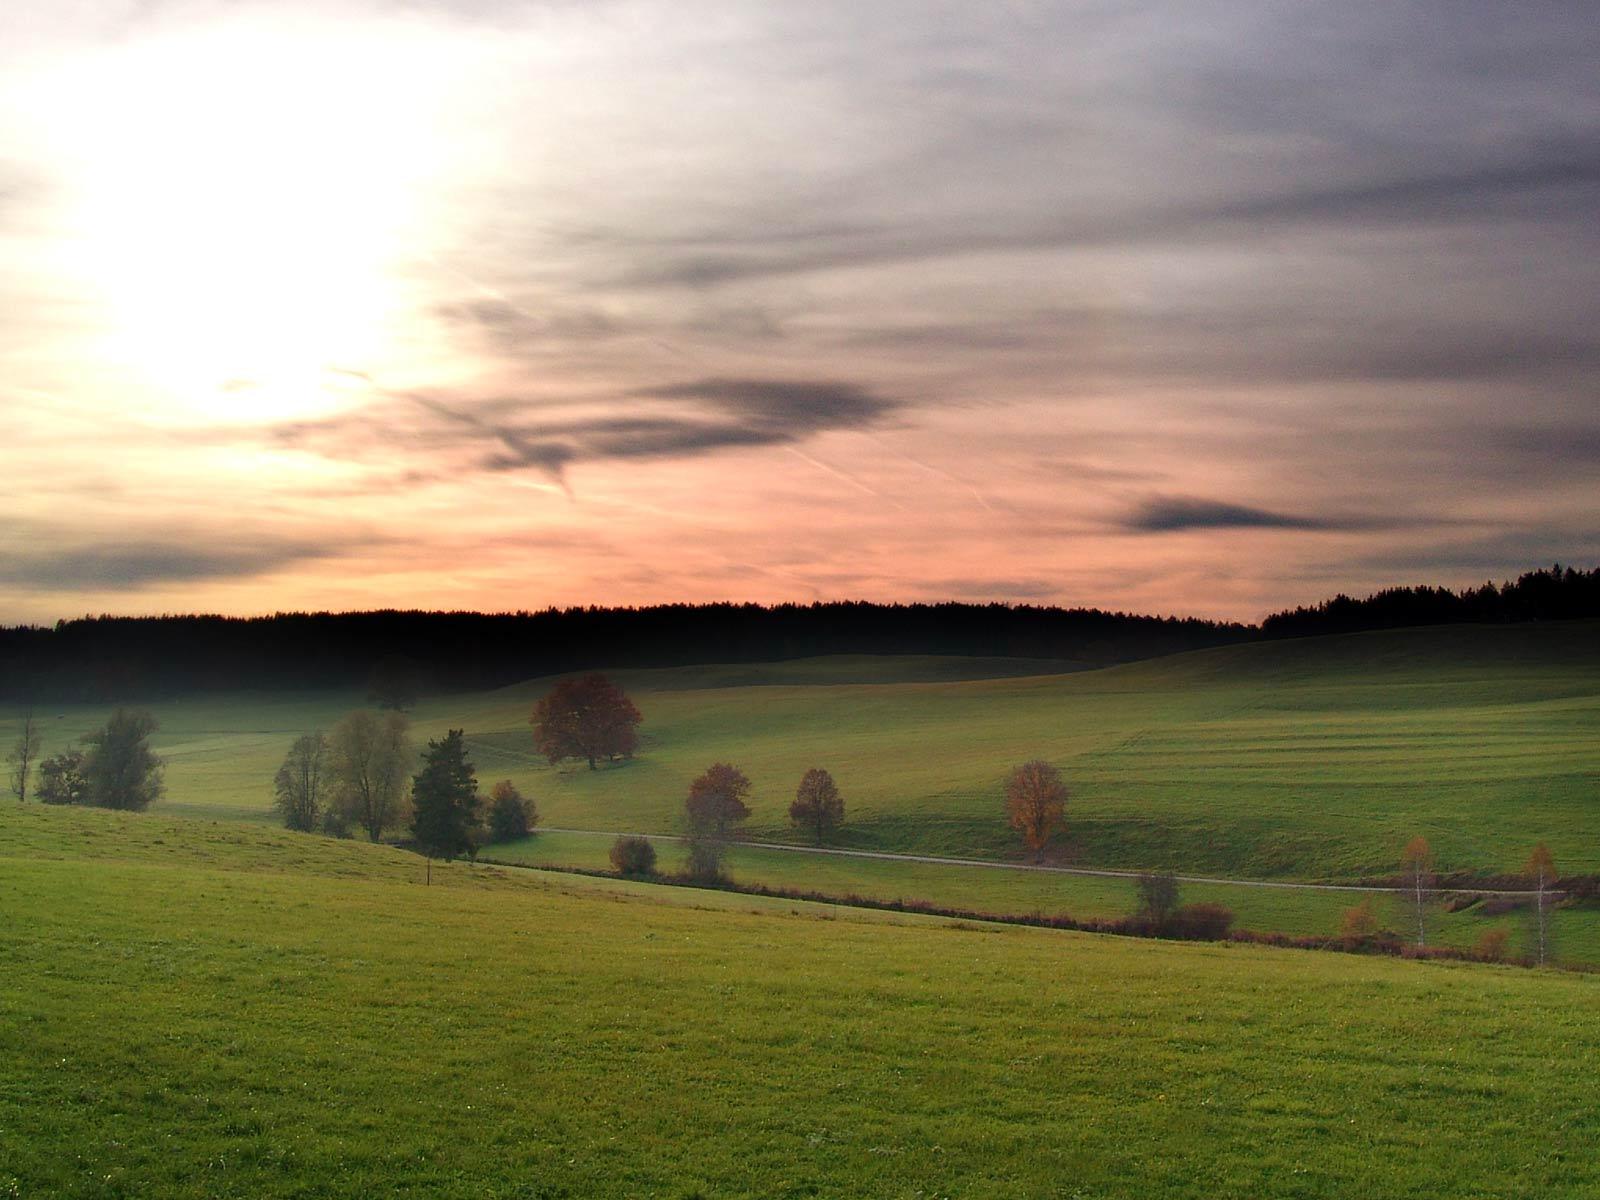 Almanya'da gün batımı